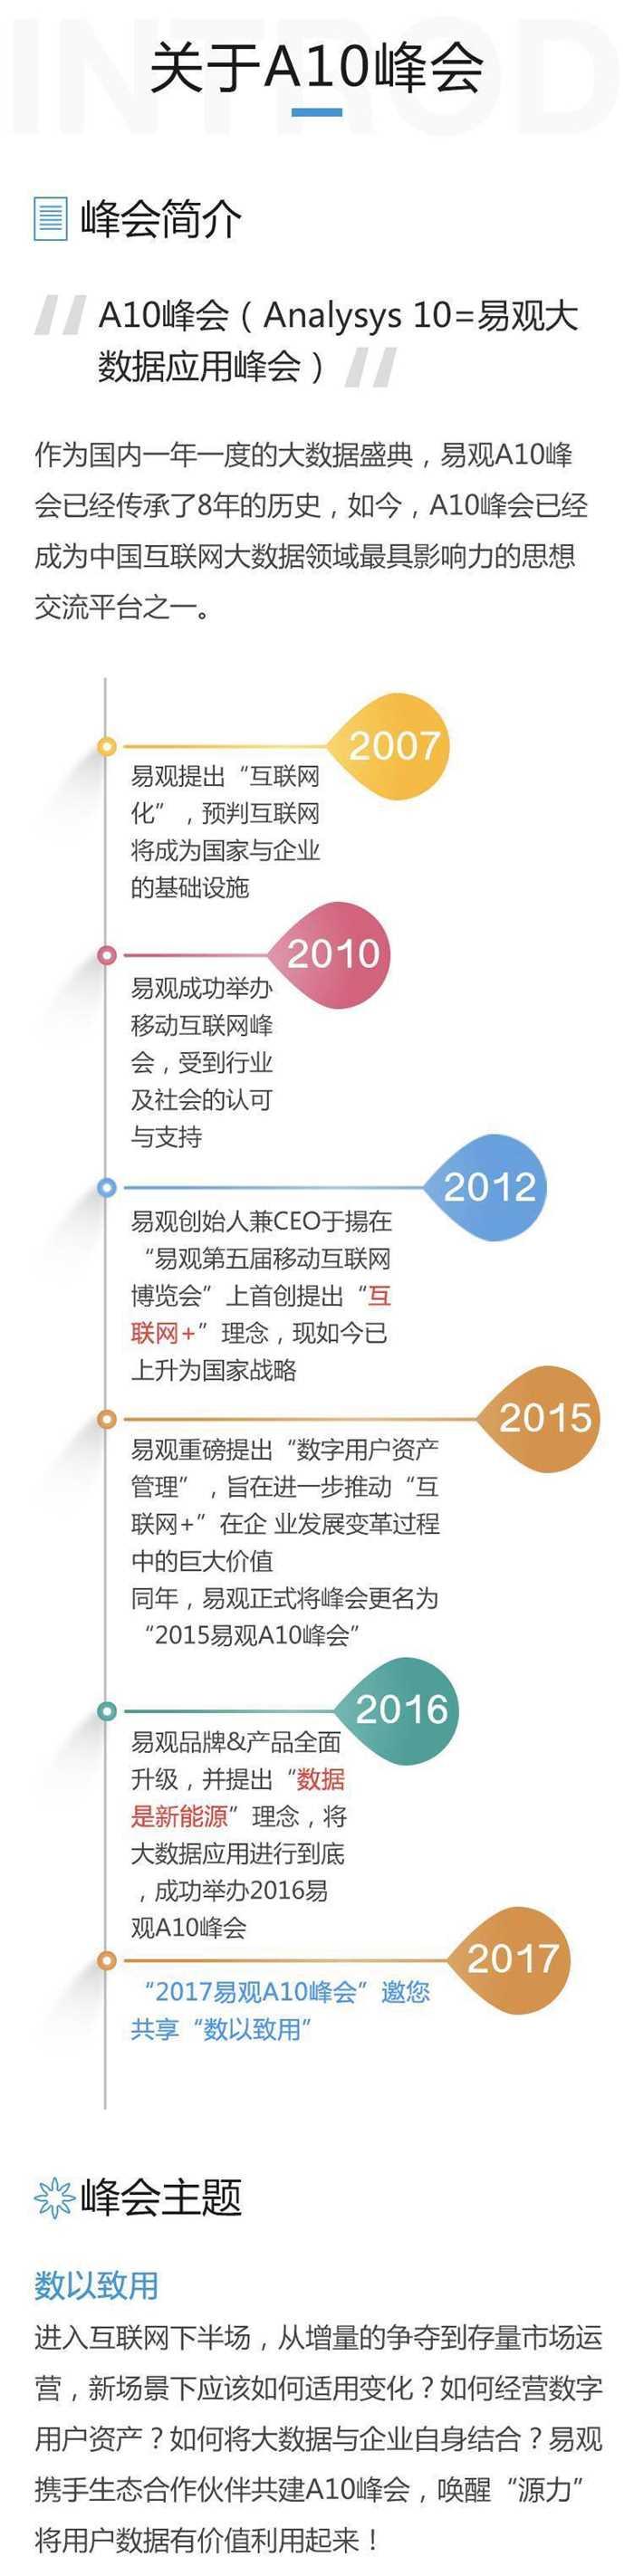 2017a10手机端-首页.jpg